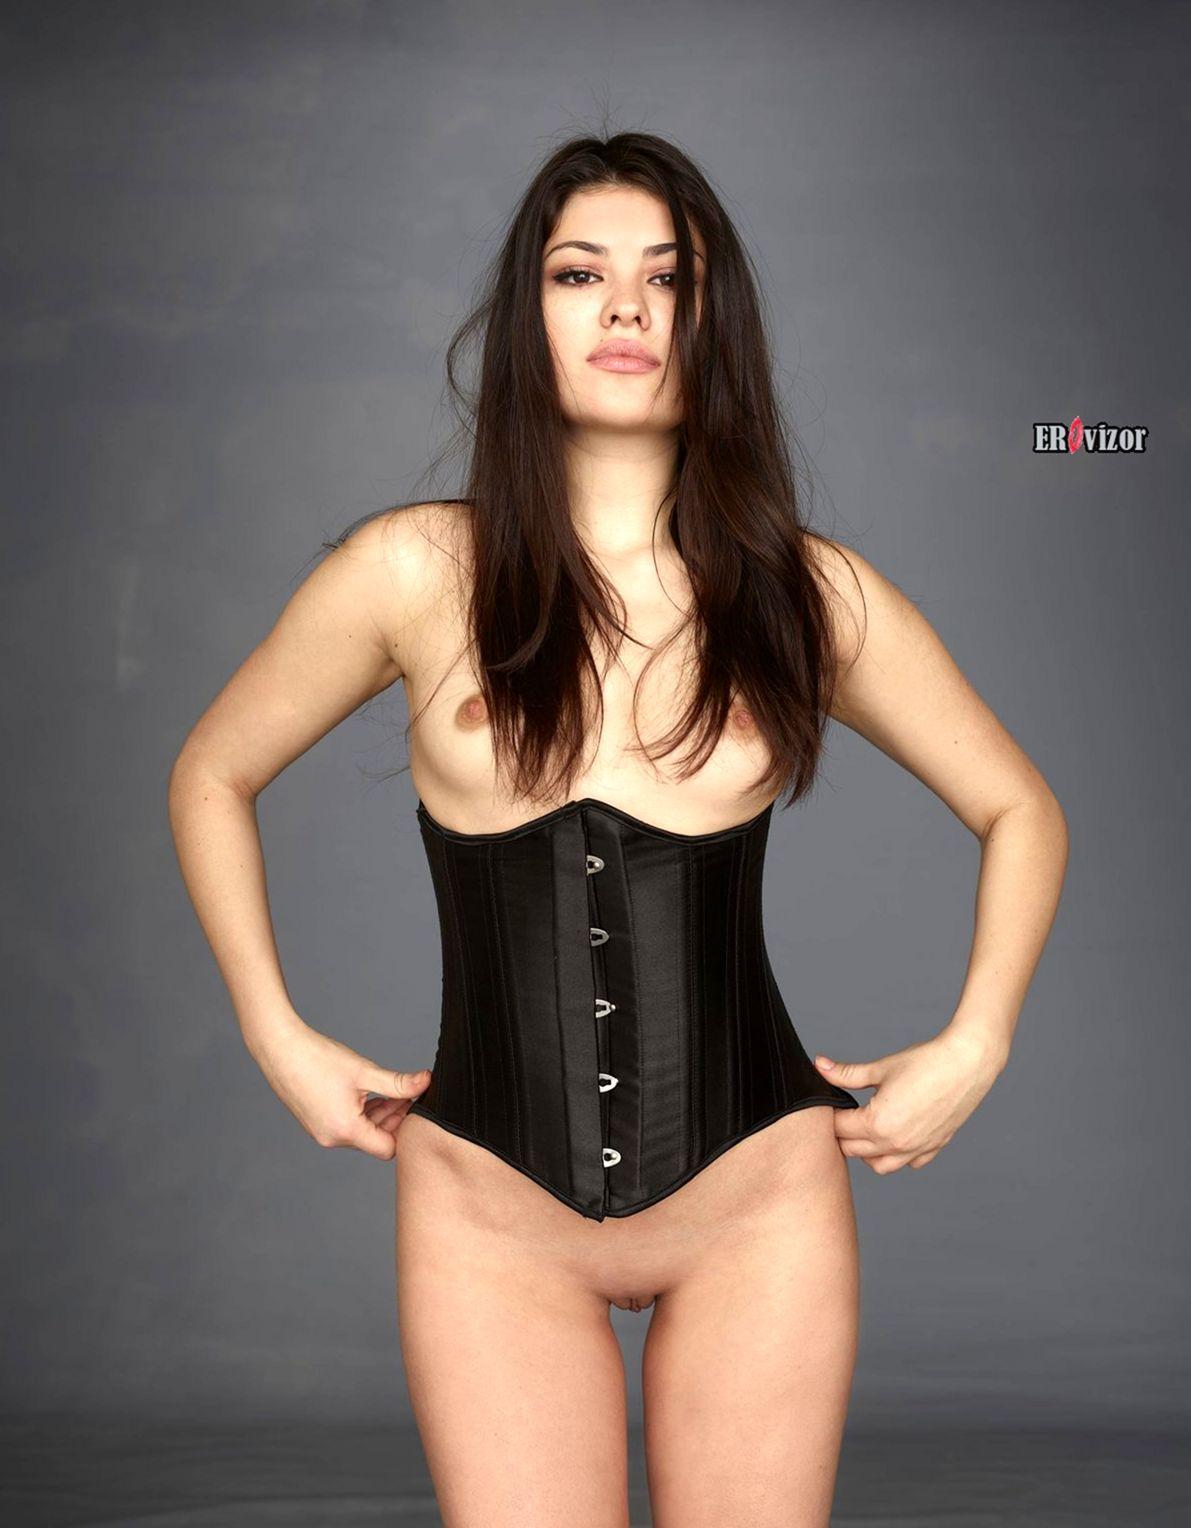 красивая девушка голая в корсете